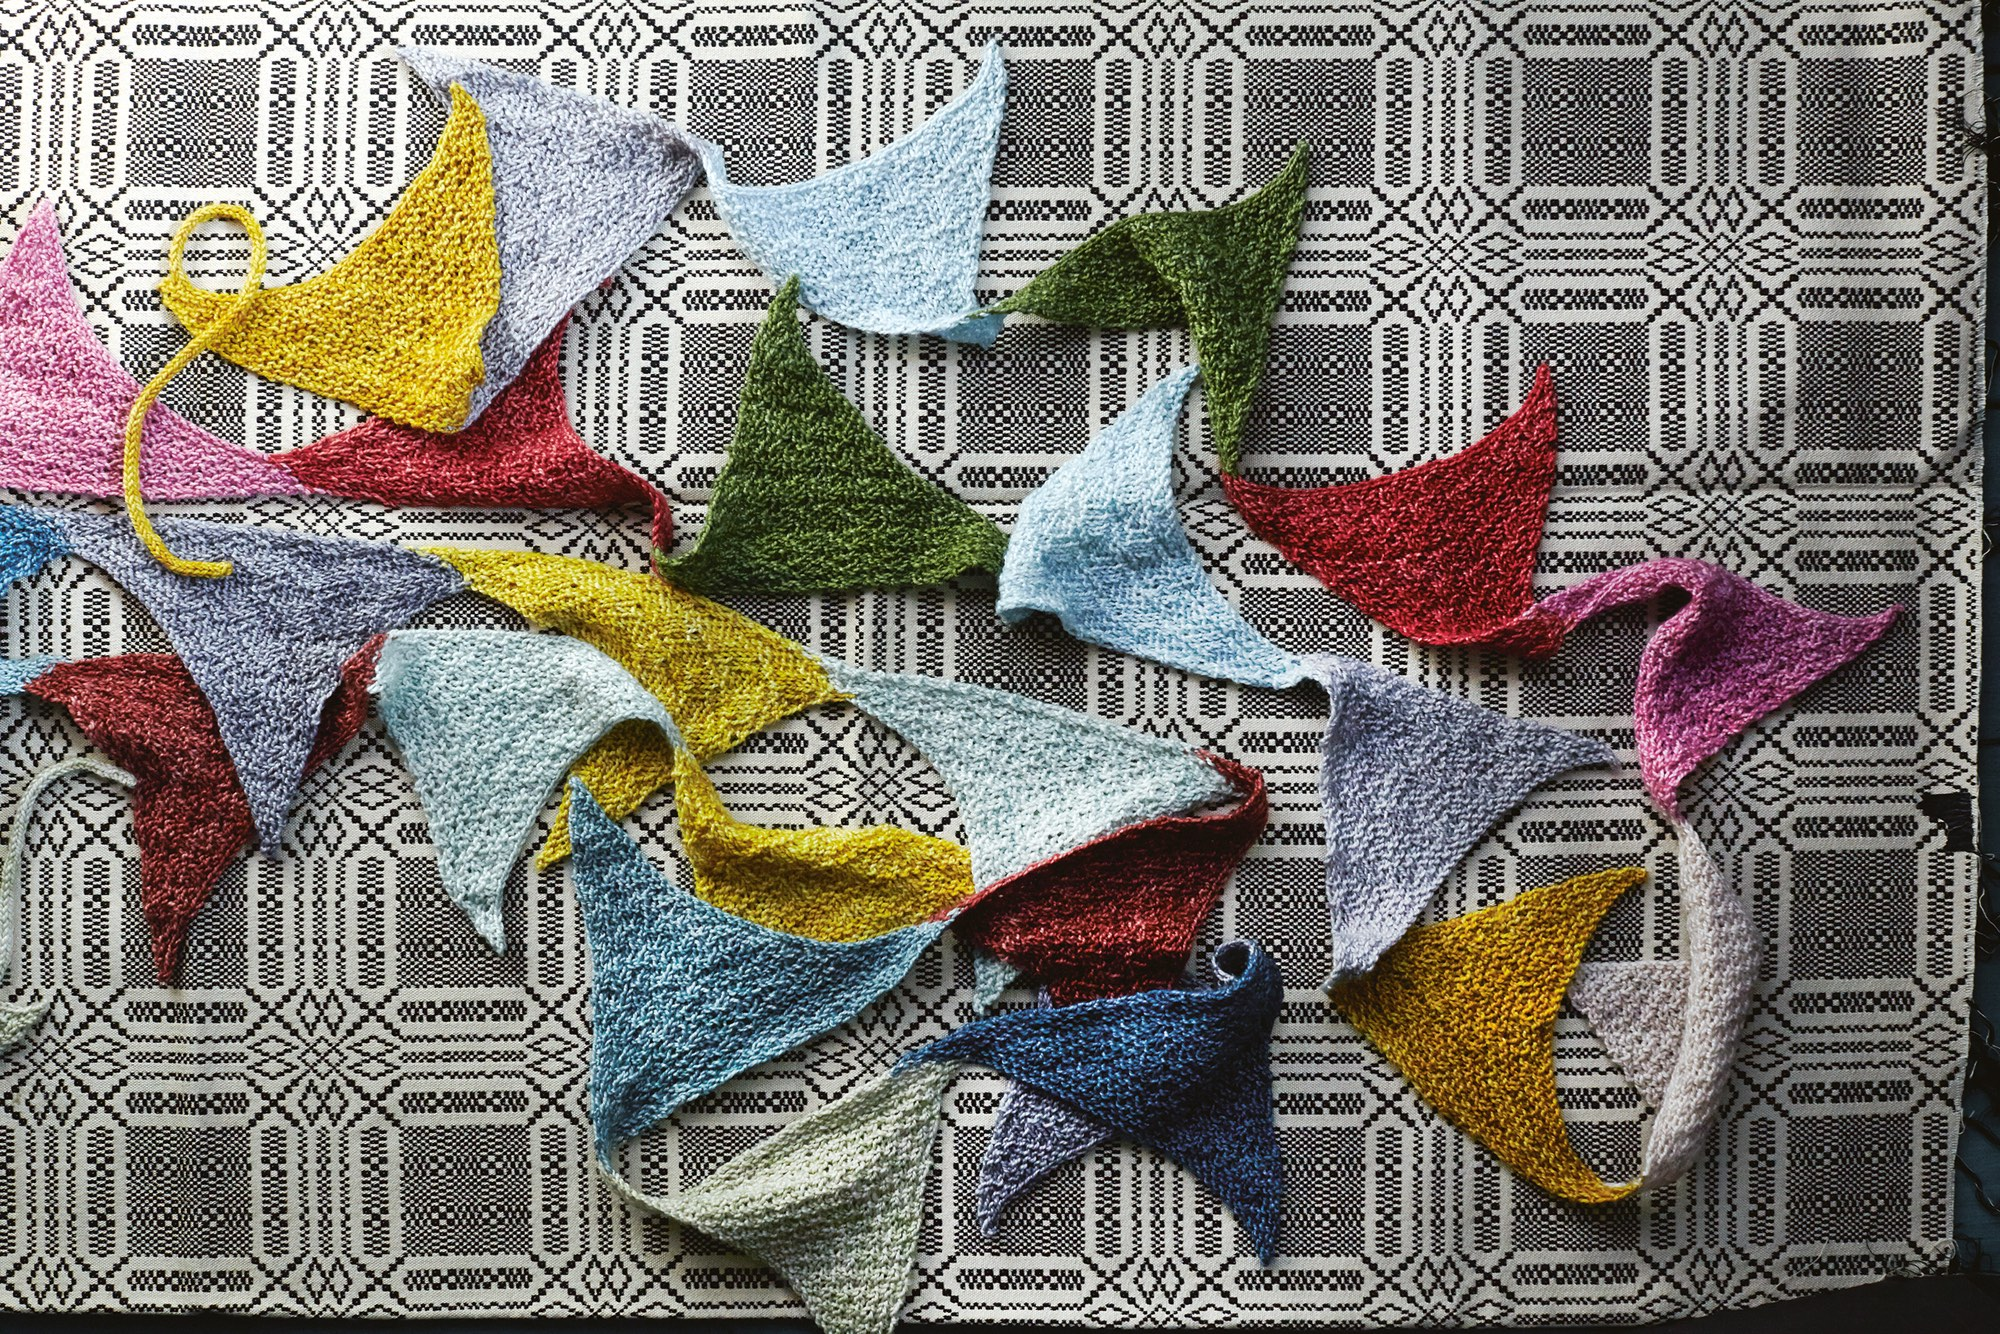 Freak Flags by Cecelia Campochiaro